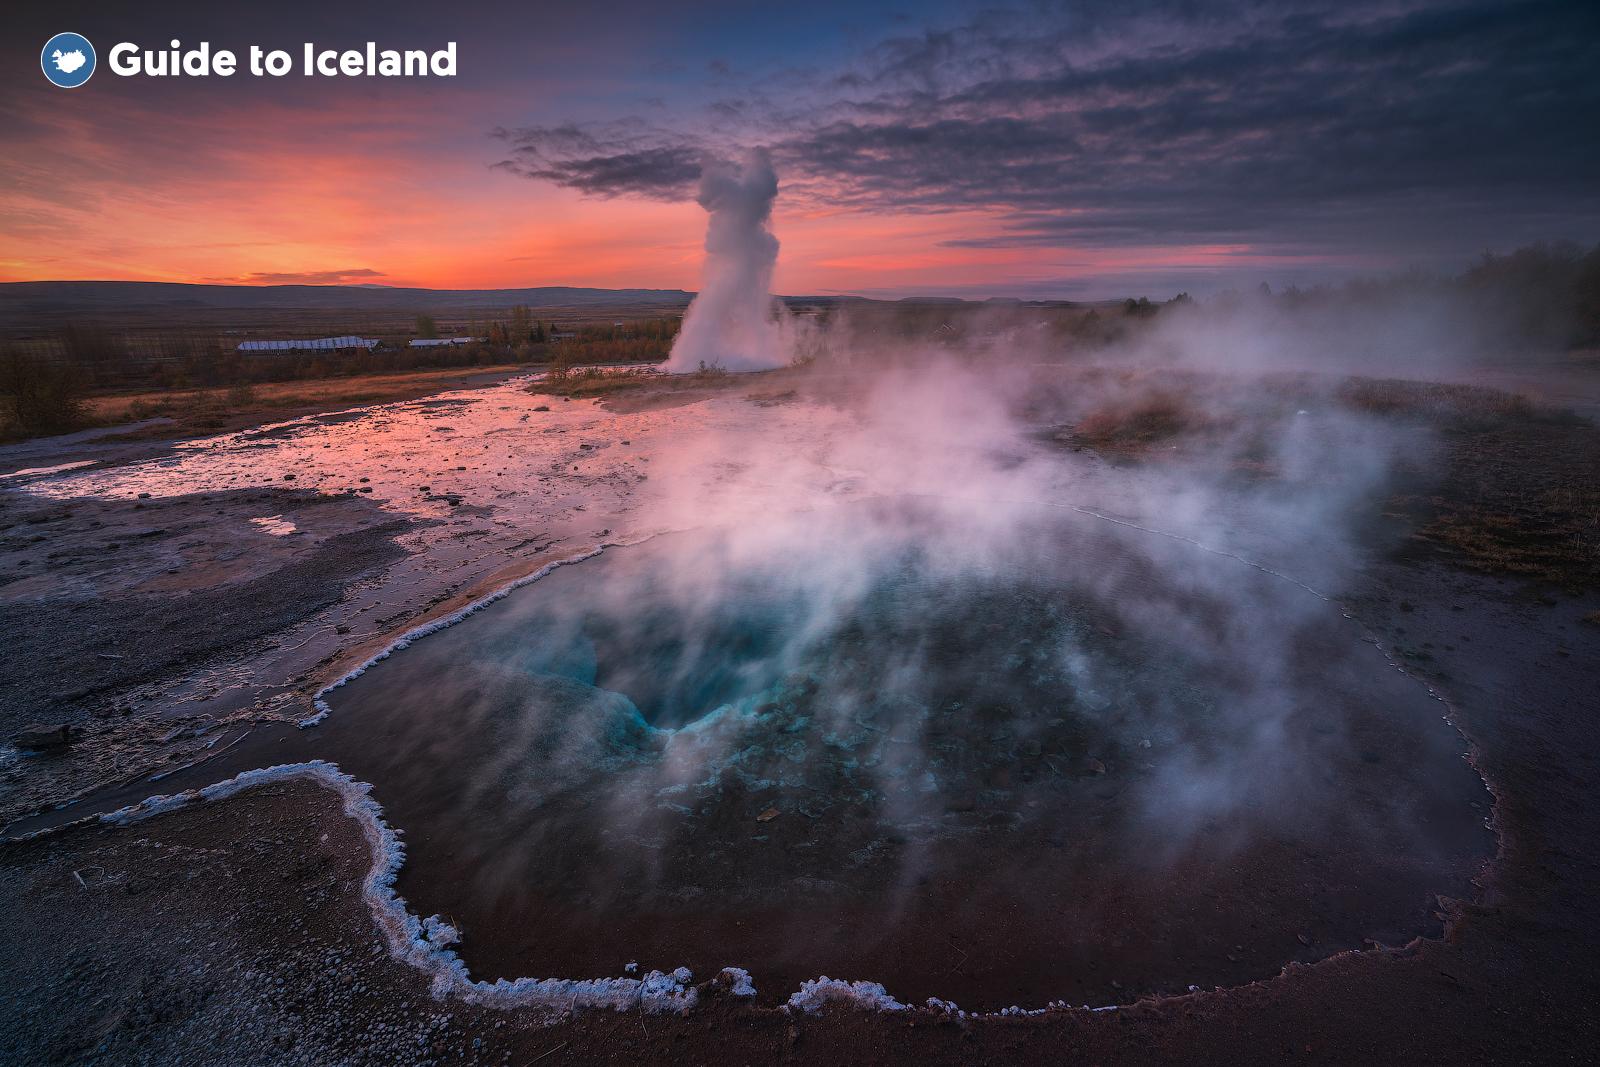 El géiser Strokkur entra en erupción muy regularmente, por lo que los visitantes no necesitan esperar mucho para ver esta gran maravilla en el trabajo.